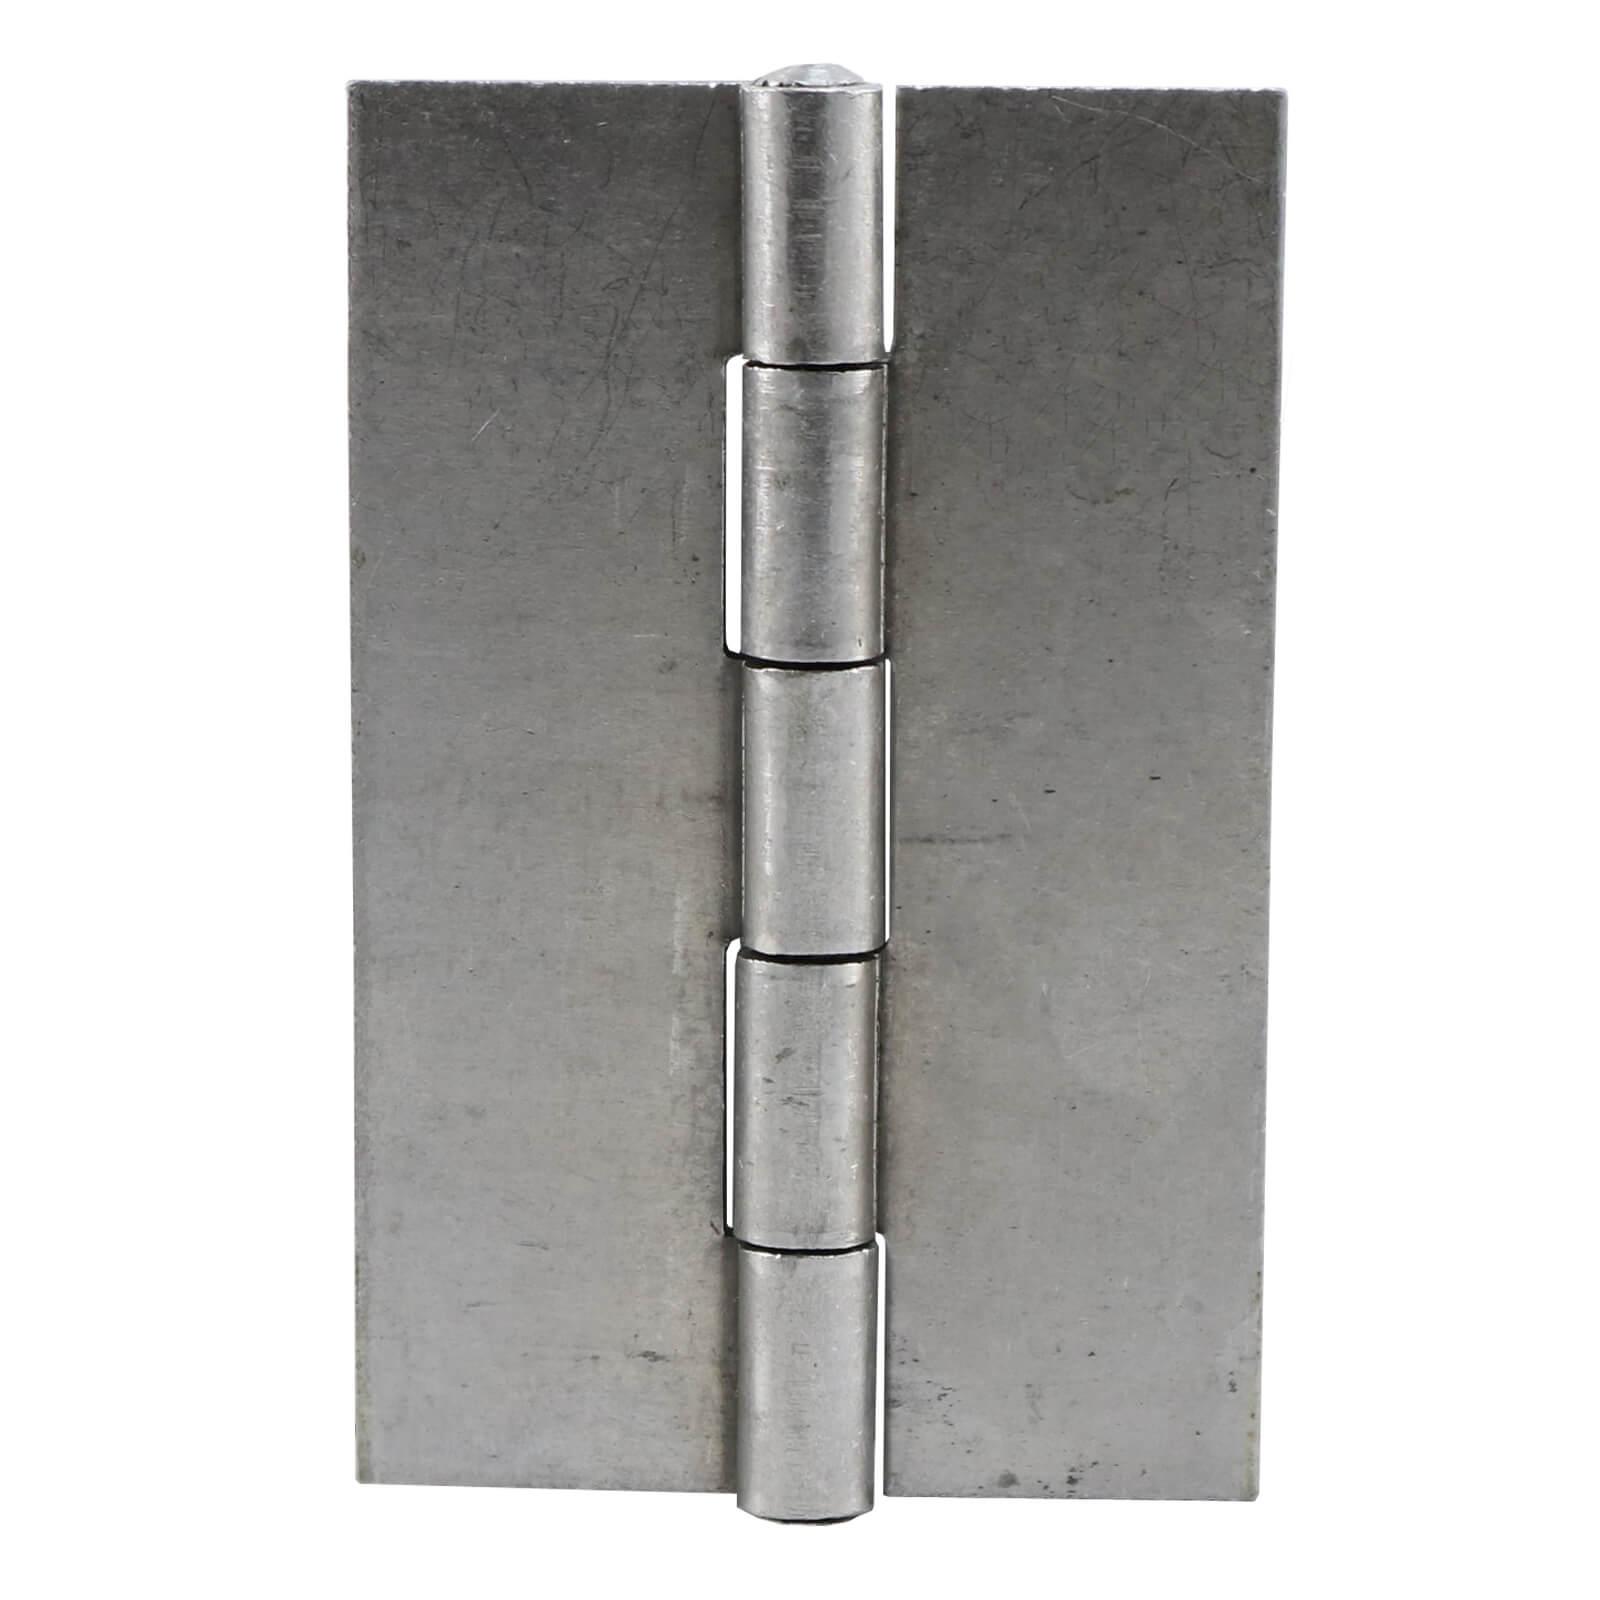 Steel Weld on Butt Hinge – Light Duty